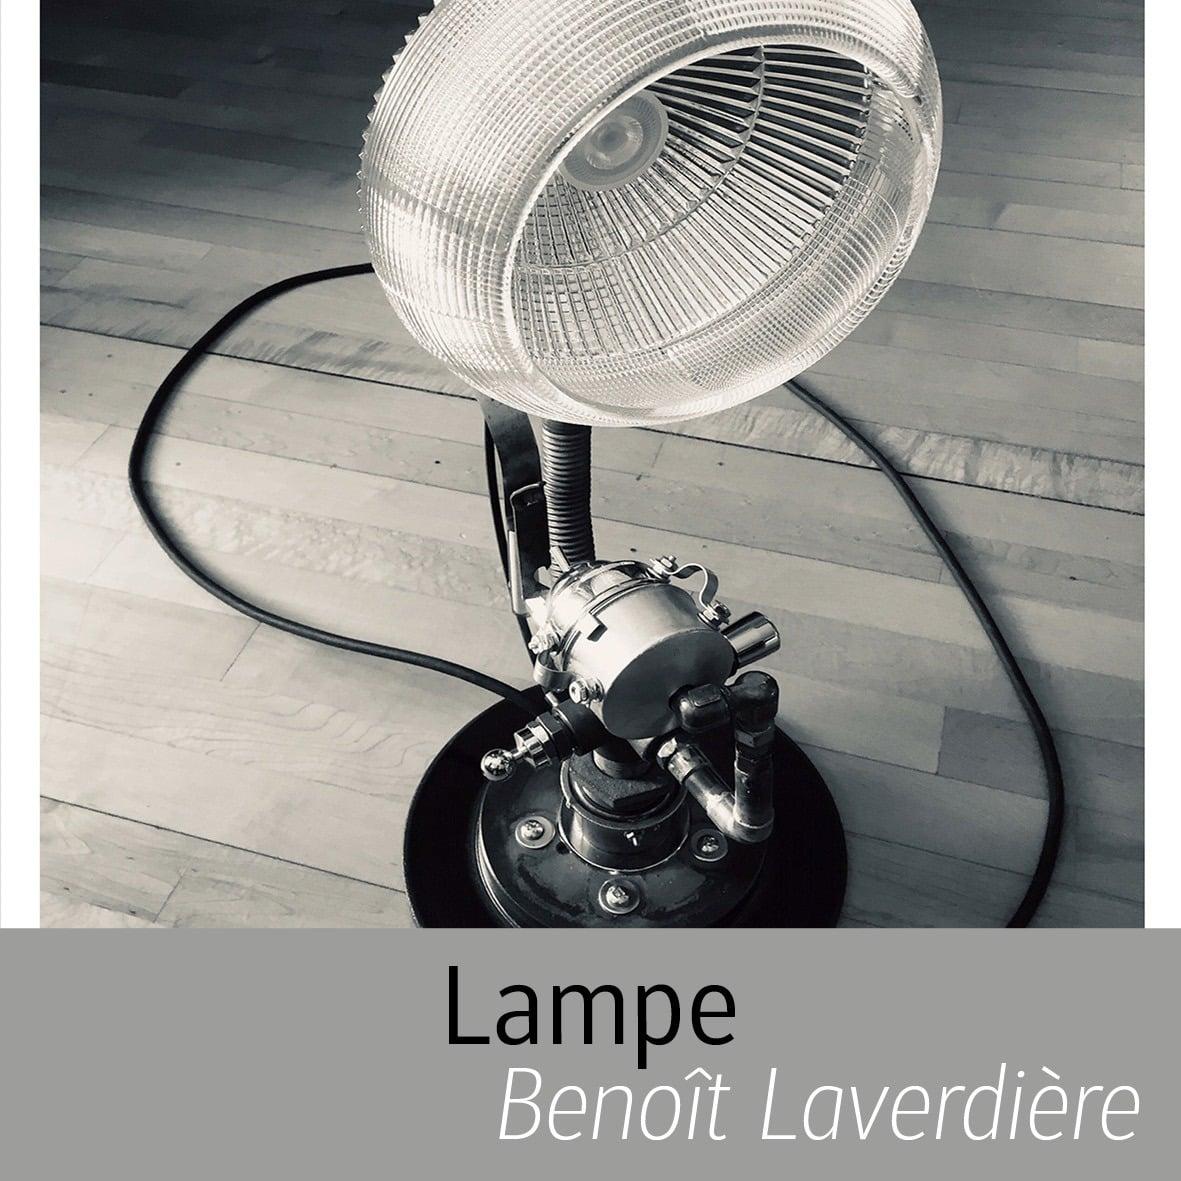 Lampe Benoît Laverdière